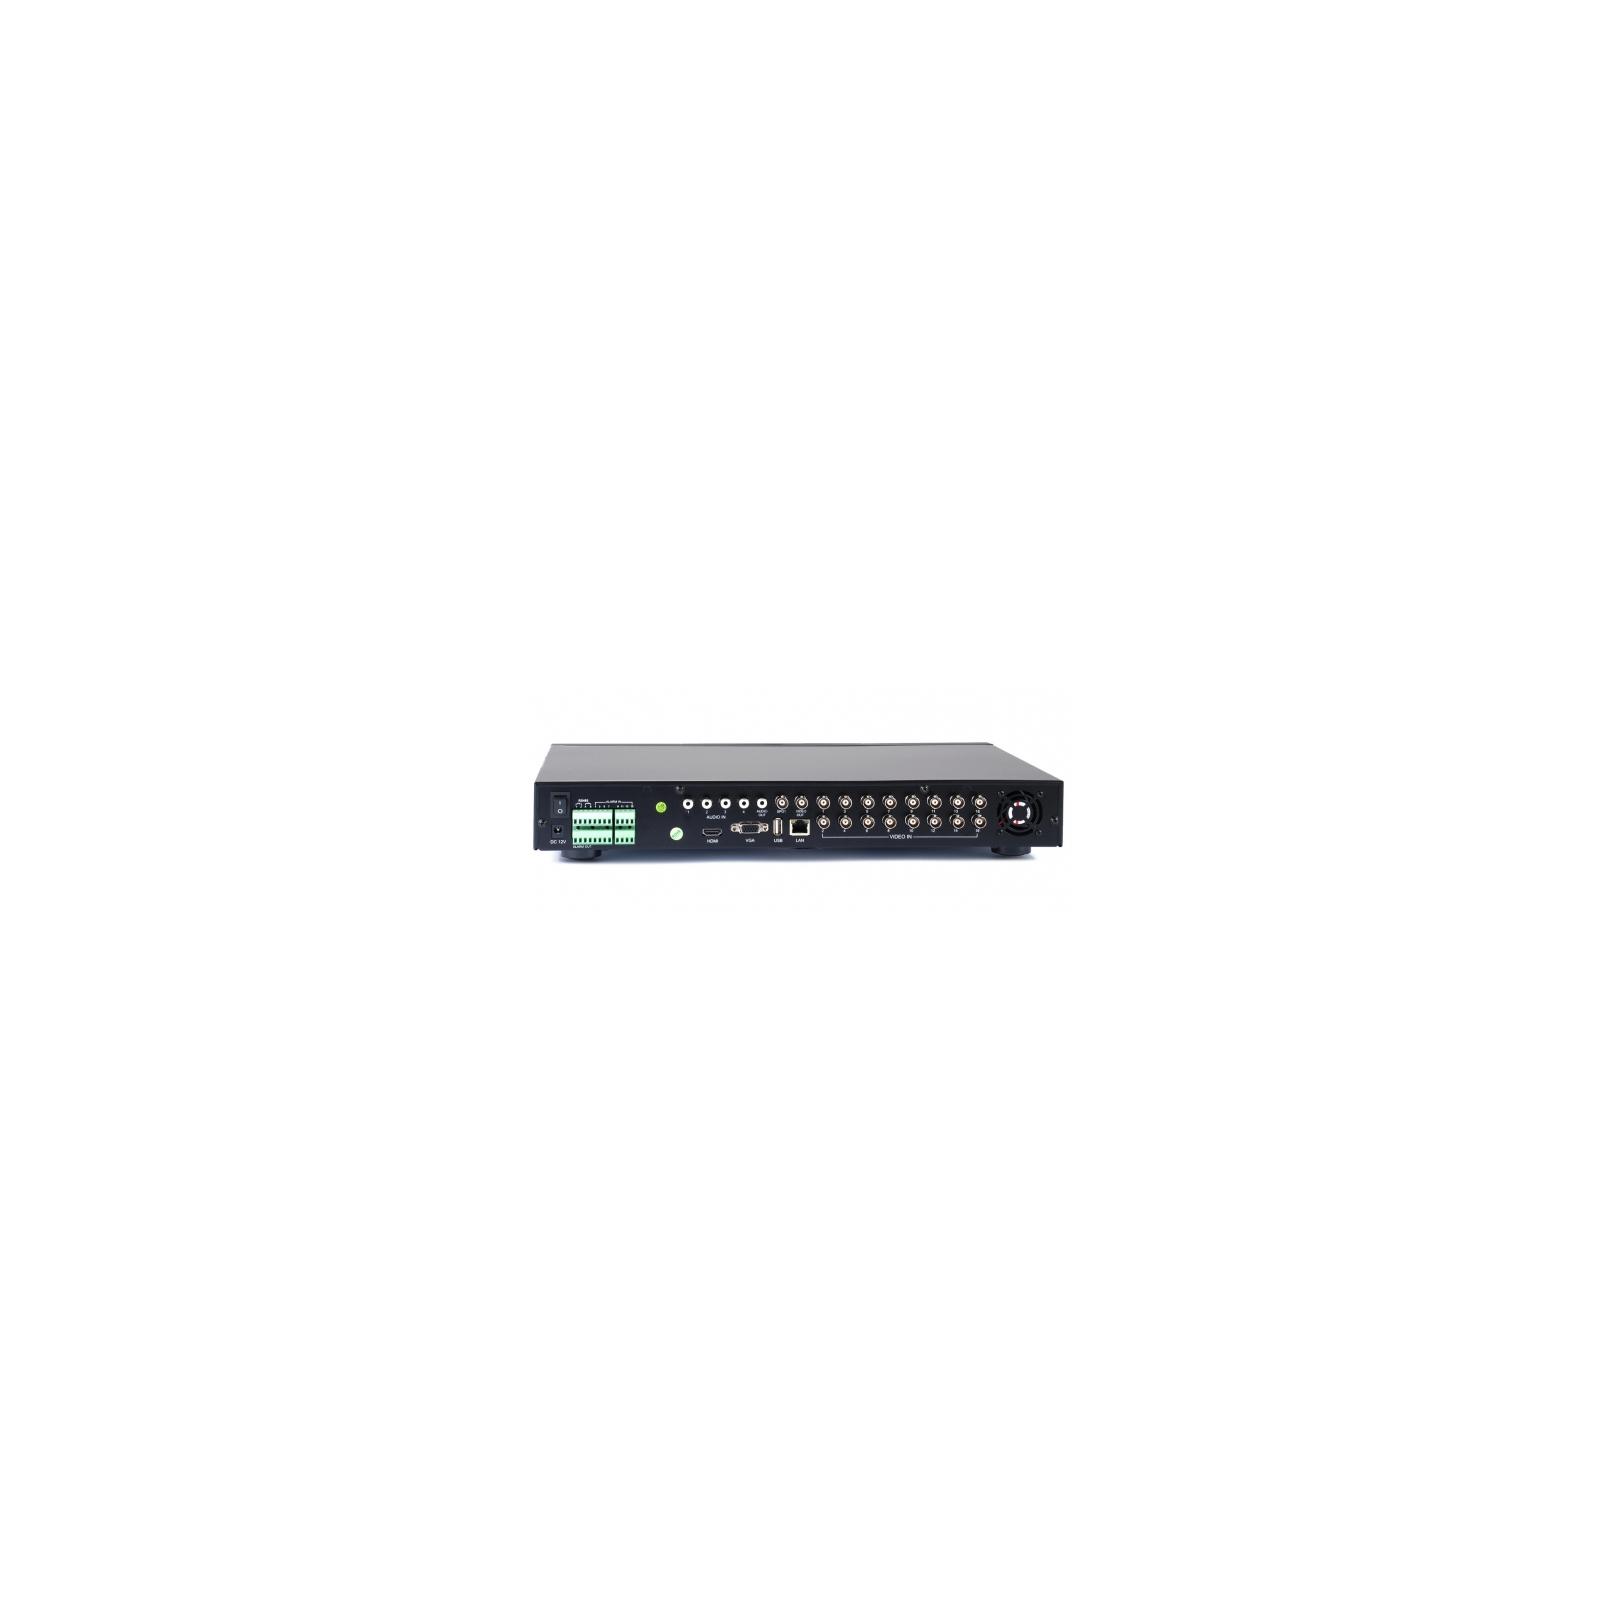 Регистратор для видеонаблюдения Gazer NS216r изображение 4